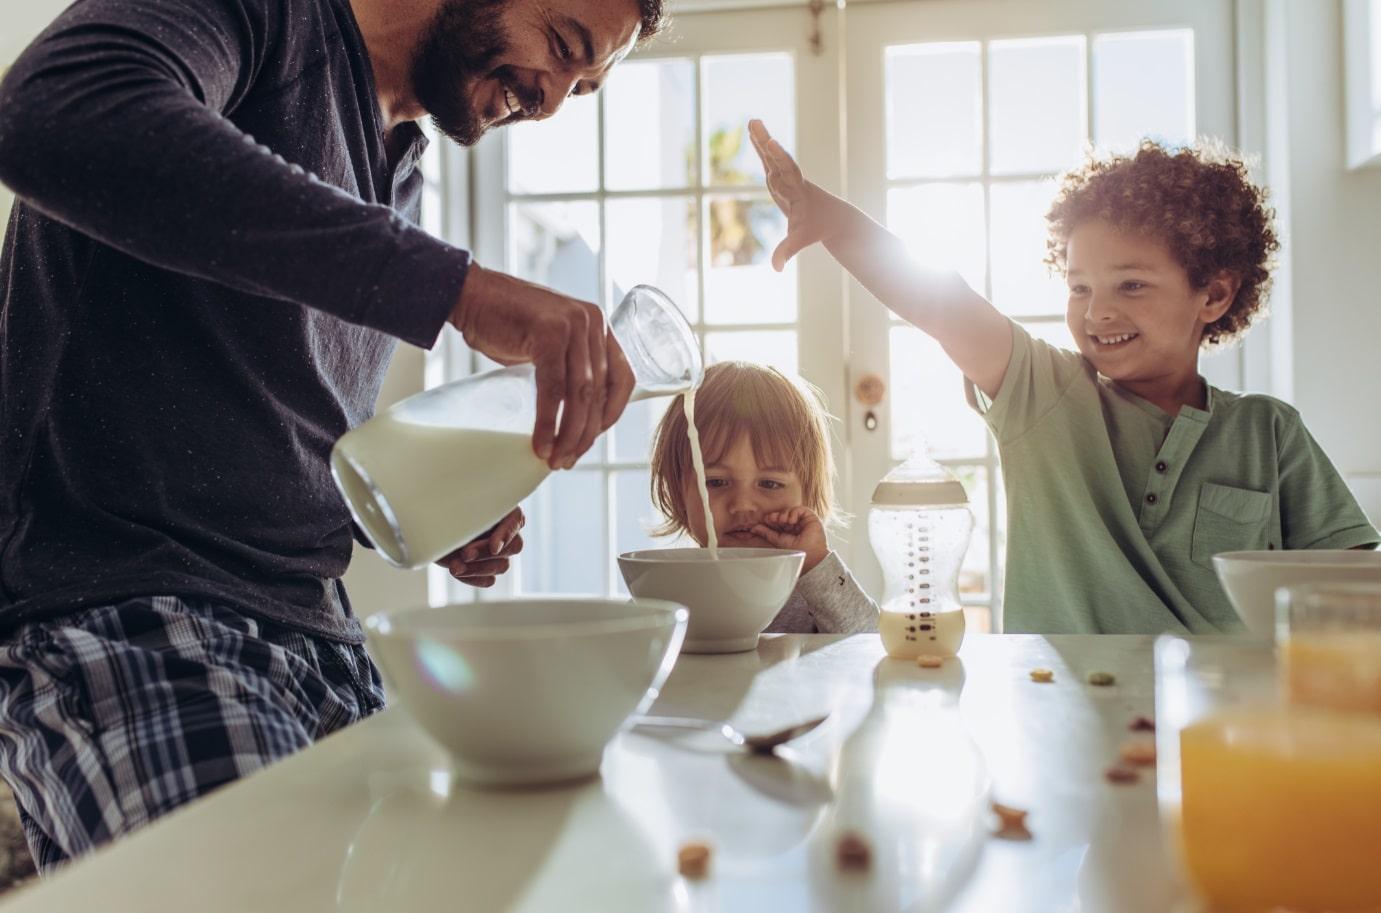 La mattina preoccupati solo del latte da portare in tavola